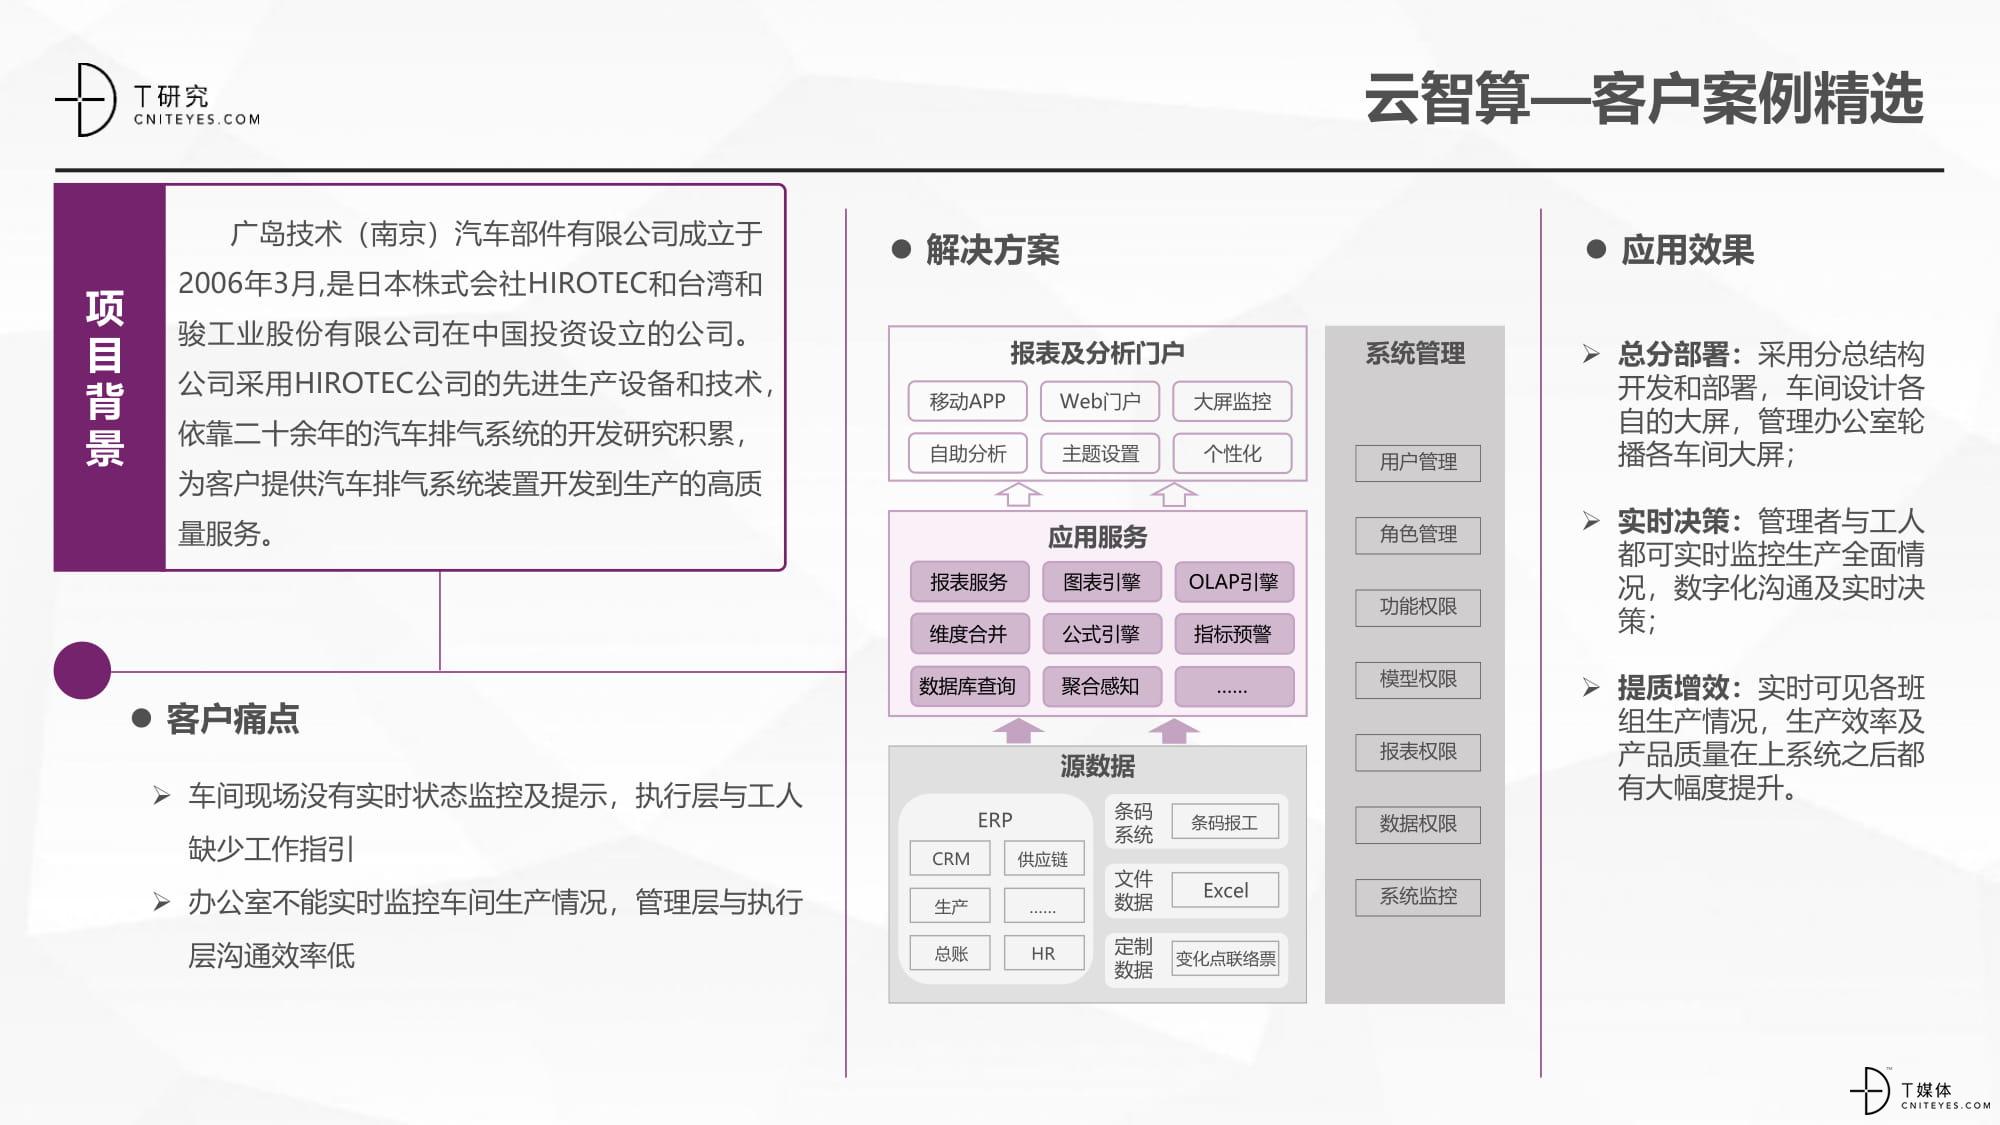 2020中国BI指数测评报告-35.jpg